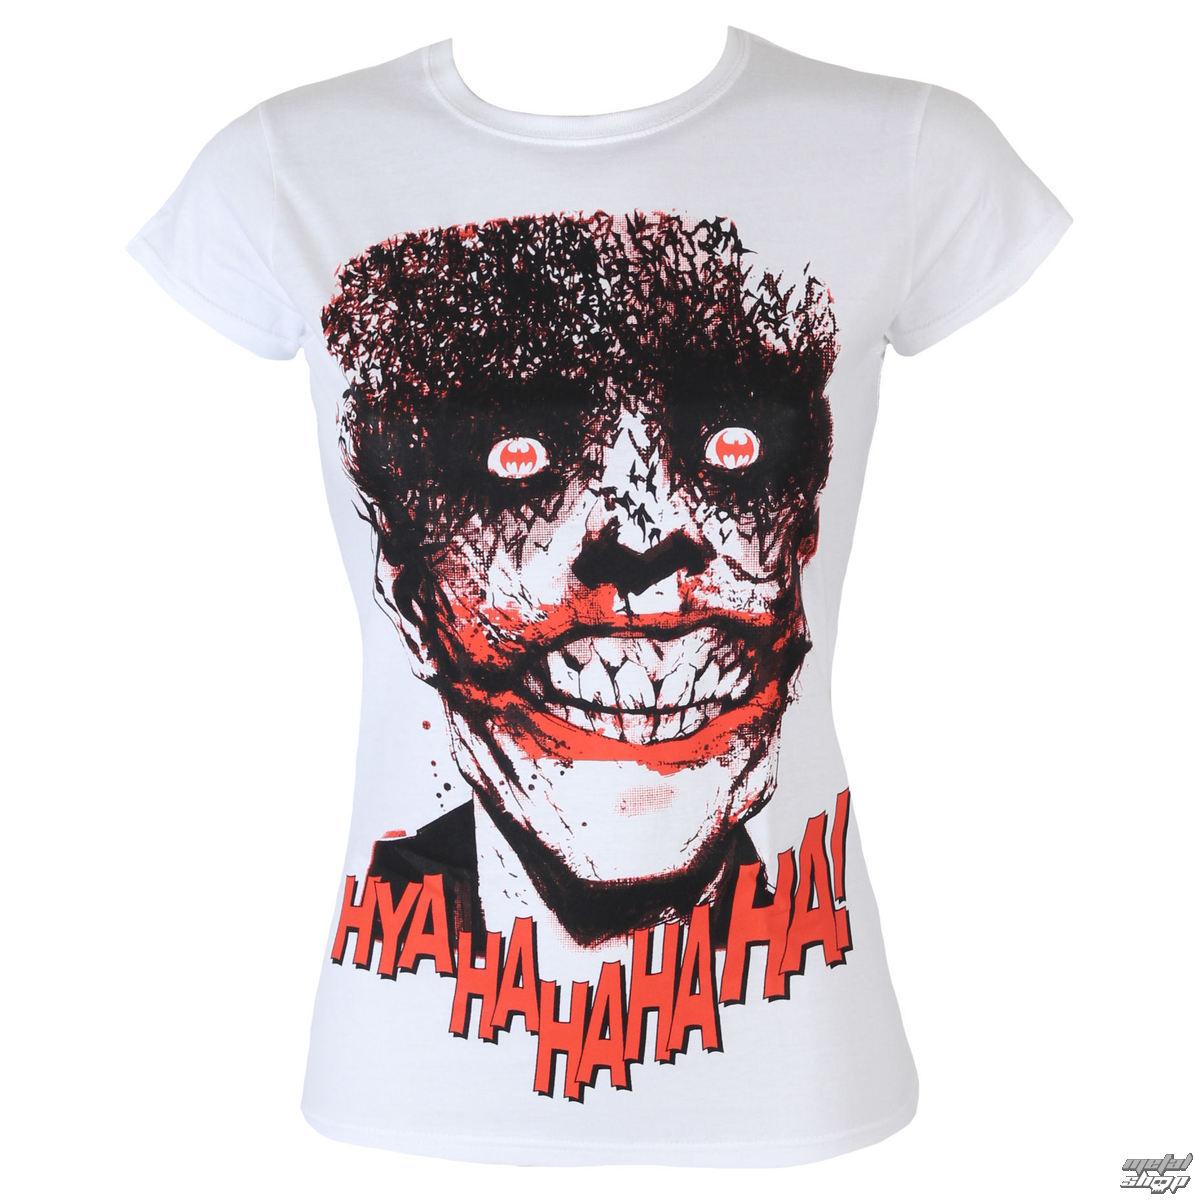 09349800f929 tričko dámske Batman - The Joker-HyaHaHaHa - White - HYBRIS - WB-5 ...